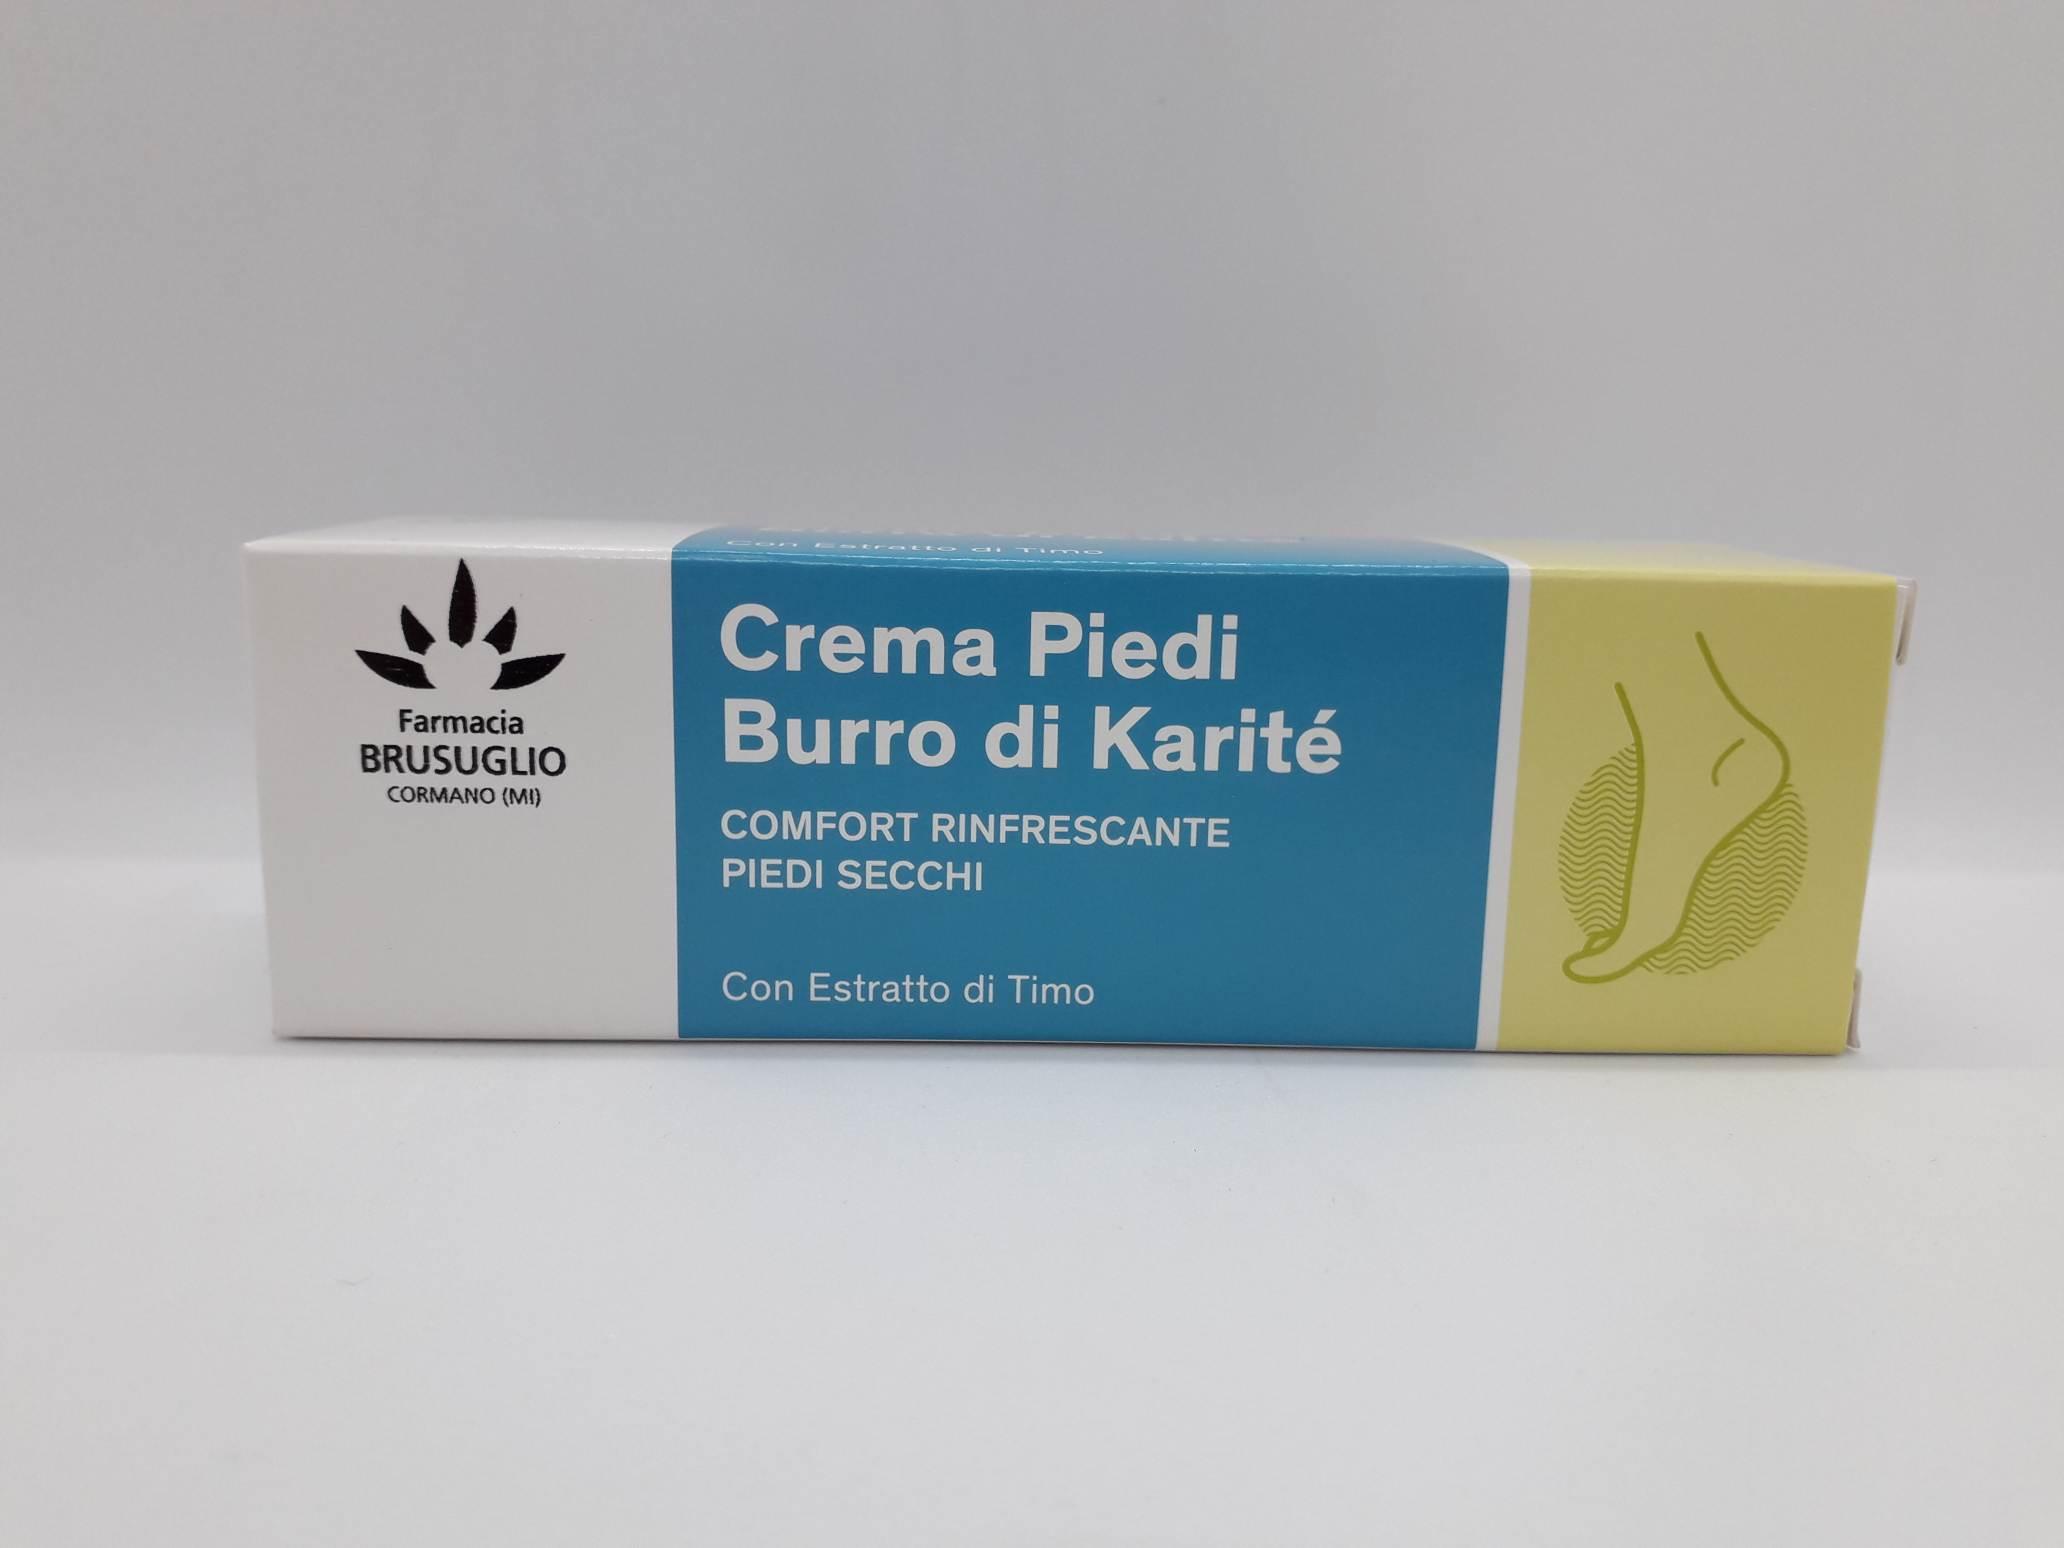 CREMA PIEDI 75 ML - Farmaciaempatica.it